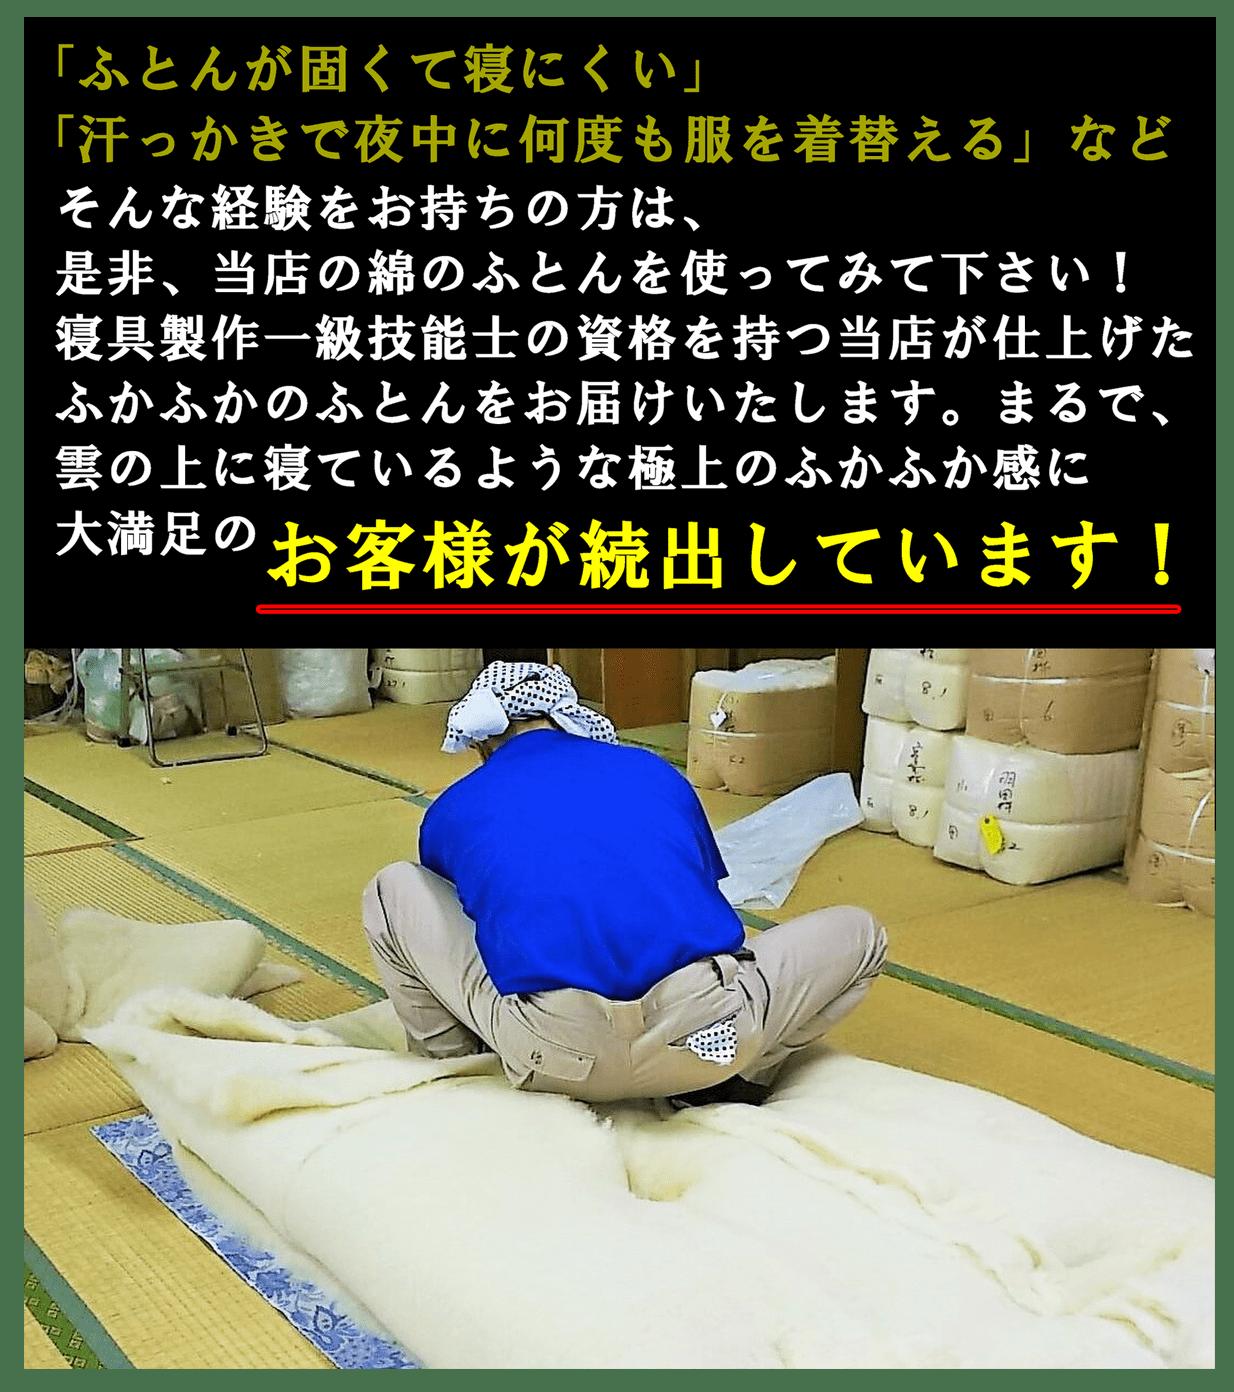 「ふとんが固くて寝にくい」「汗っかきで夜中に何度も服を着替える」などそんな経験をお持ちの方は、是非、当店の綿のふとんを使ってみて下さい! 寝具製作一級技能士の資格を持つ当店が仕上げたふかふかのふとんをお届けいたします。まるで、雲の上に寝ているような極上のふかふか感に大満足のお客様が続出しています!